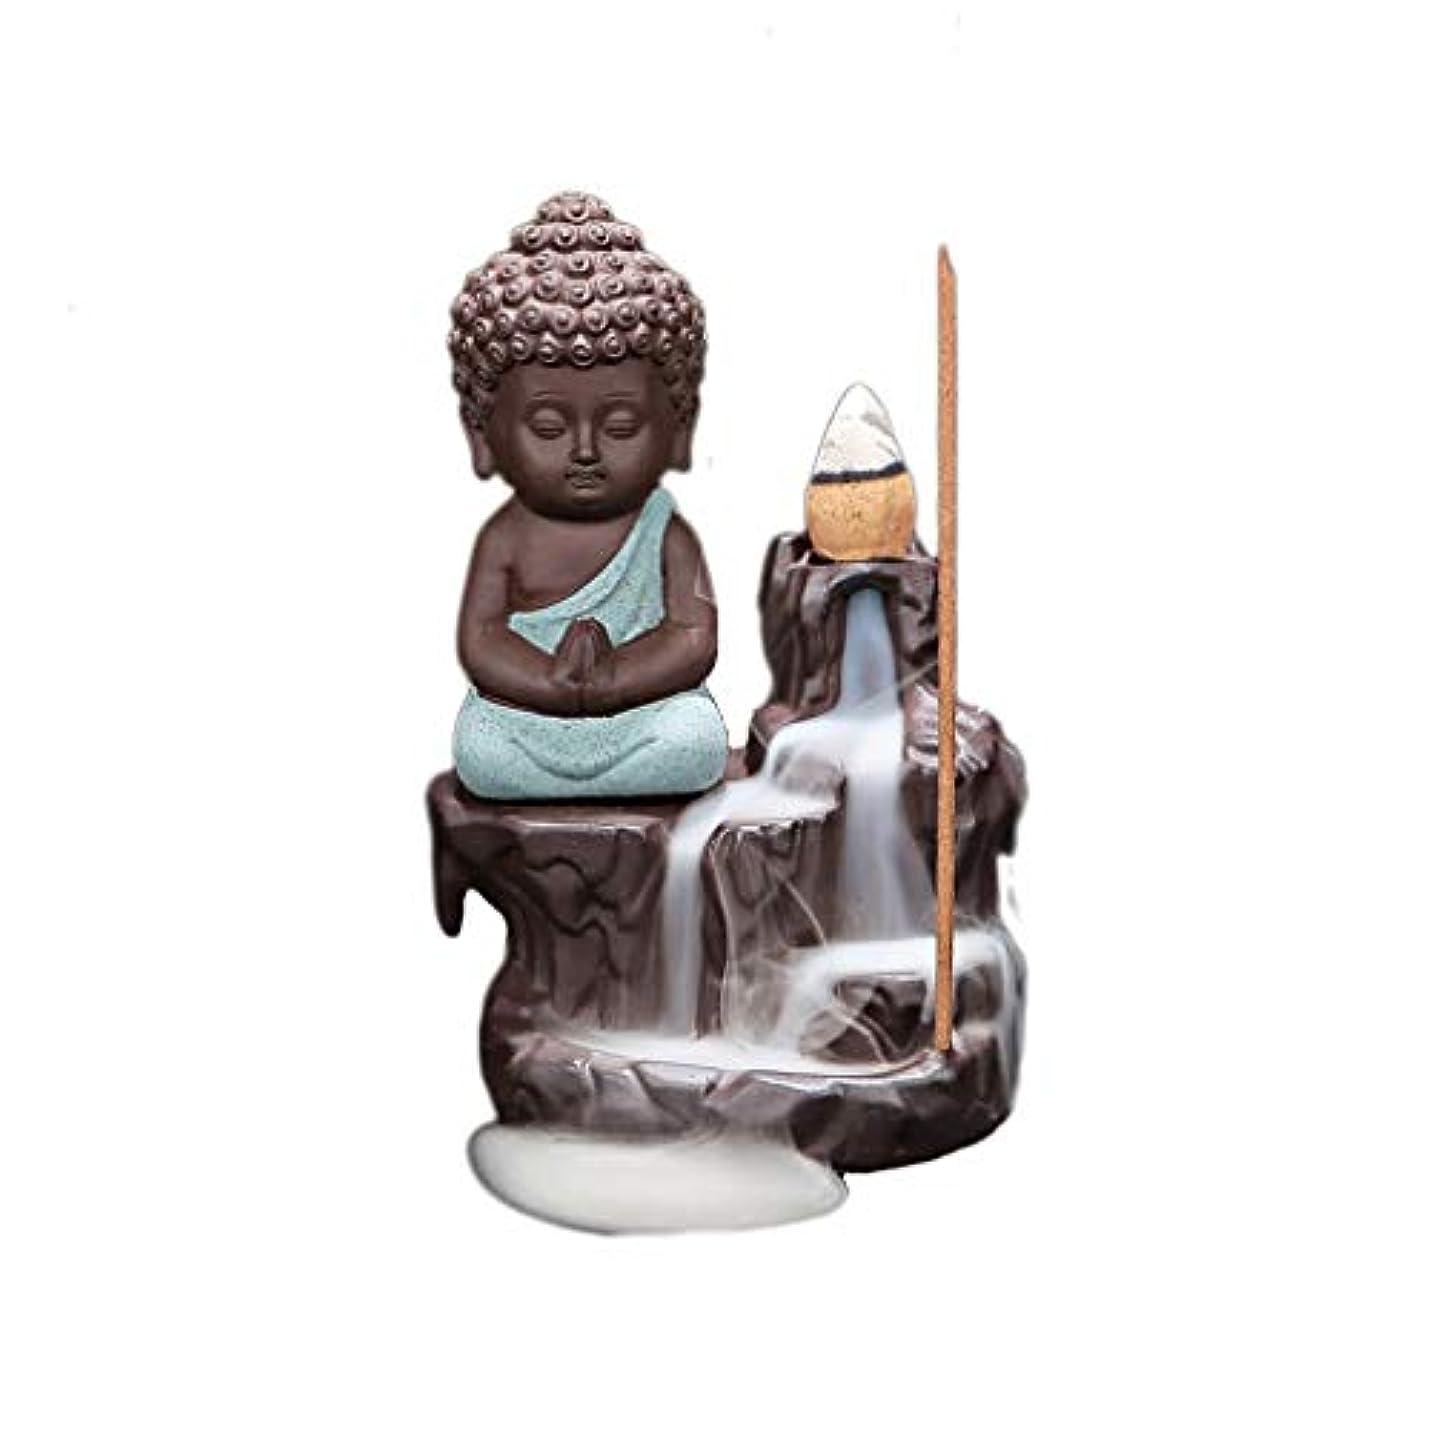 食物敬意を表するアトラス逆流リトルモンク仏陀香炉バーナーコーンスティックホルダーホームセラミック香ホルダーアッシュキャッチャー (Color : Green, サイズ : 4.88*3.22 inches)